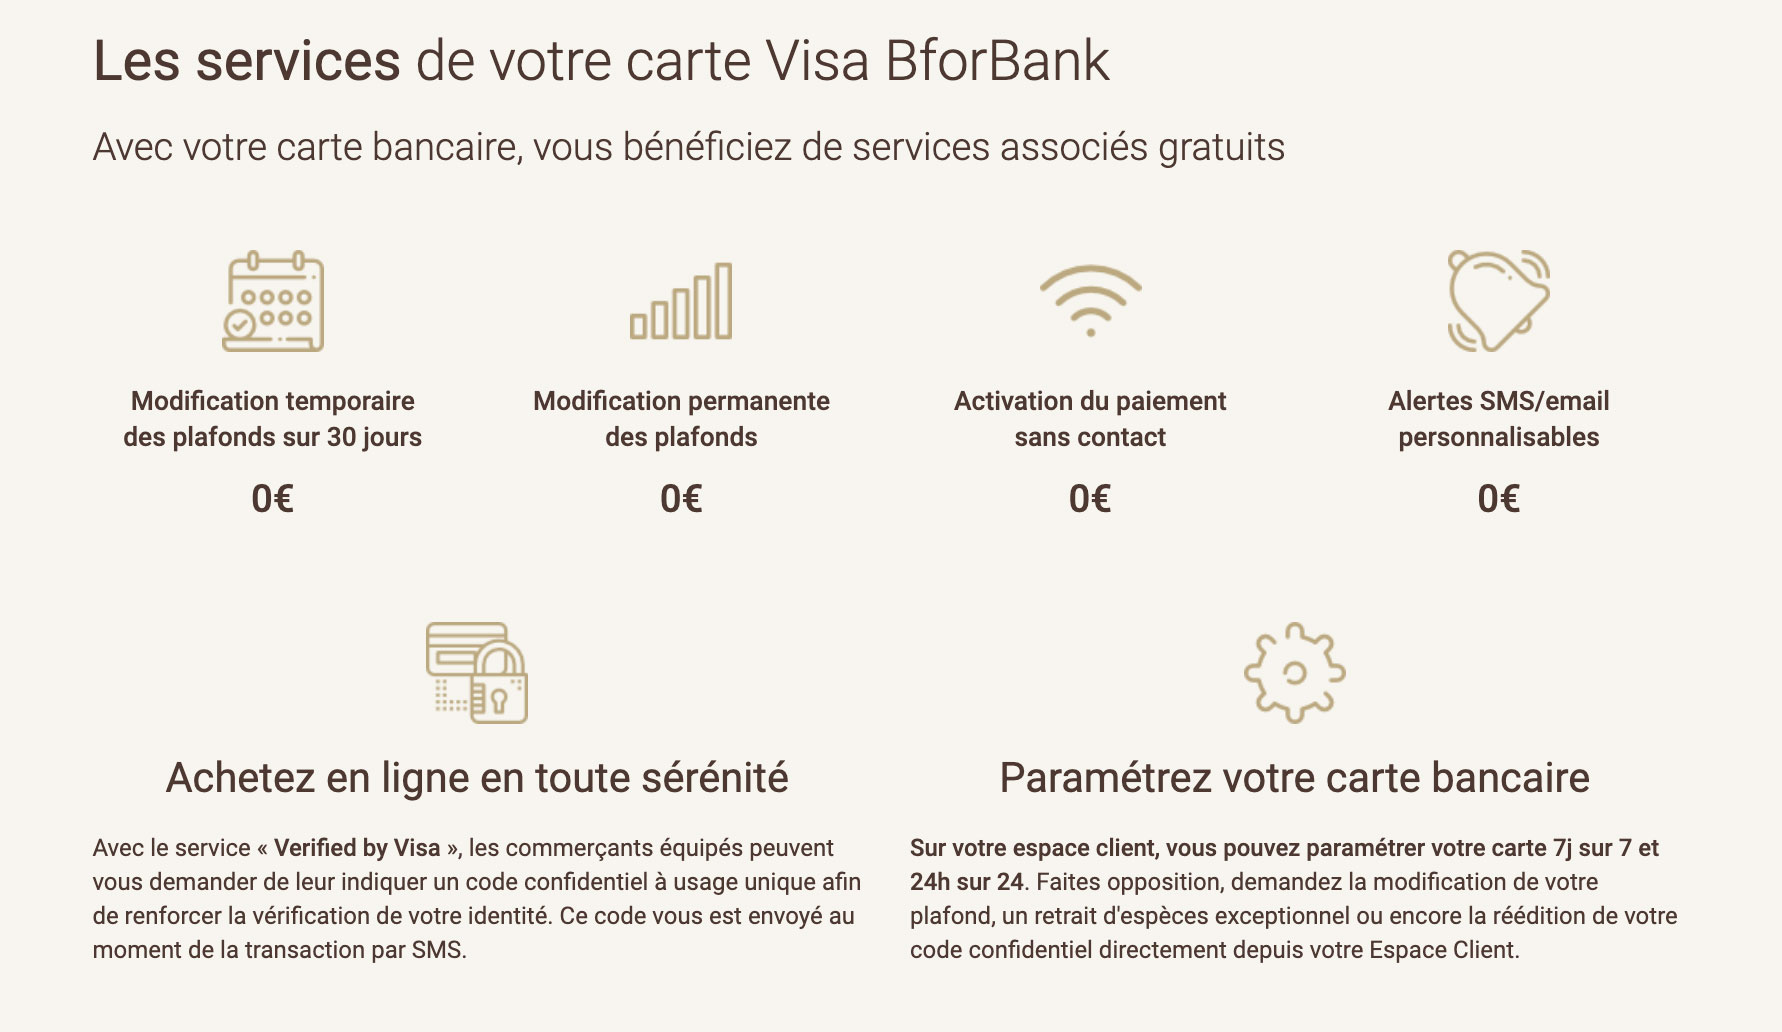 Carte gratuite BforBank